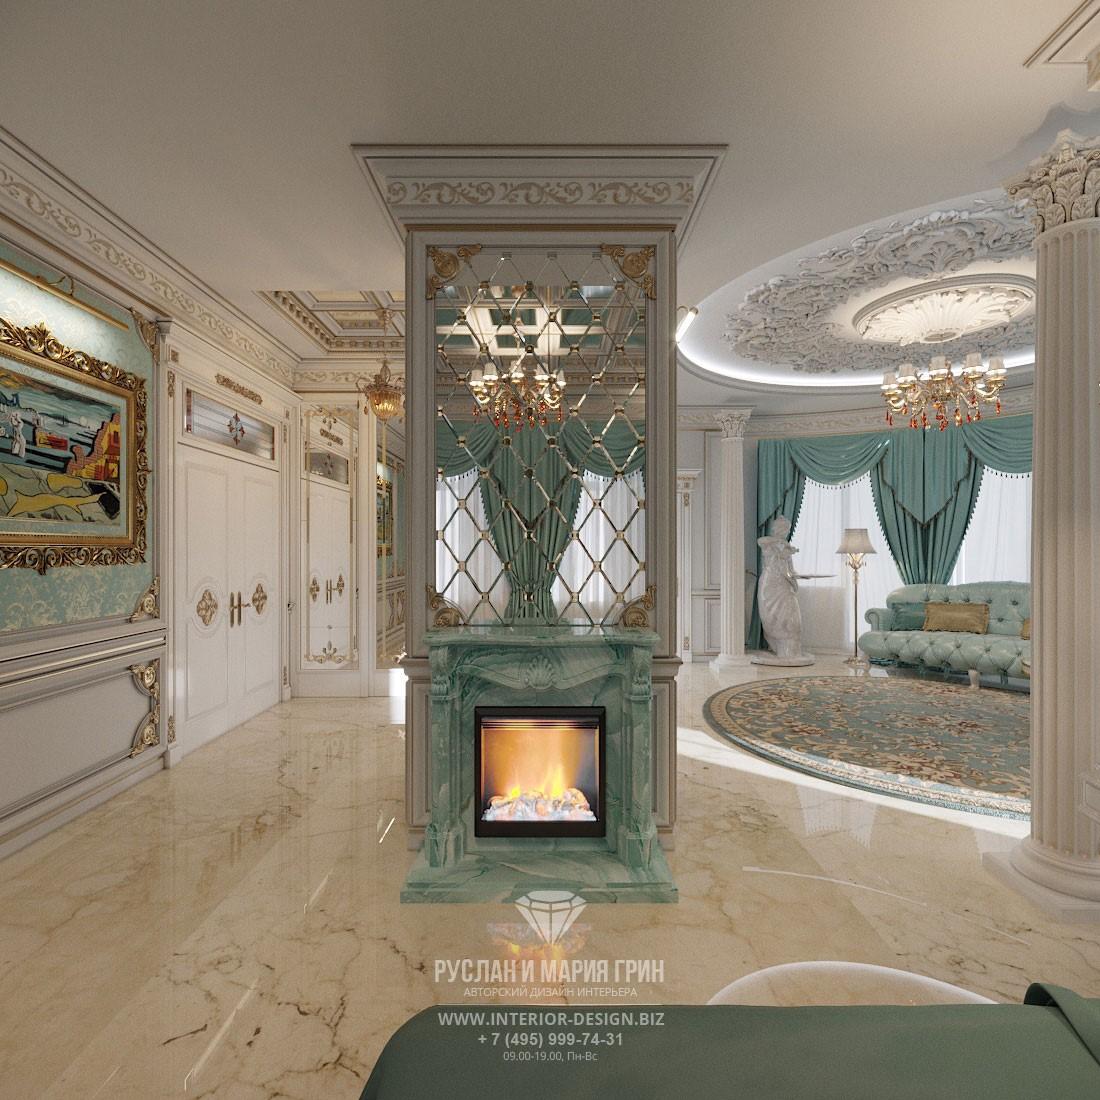 Дизайн бирюзовой спальни с камином в интерьере элитного дома